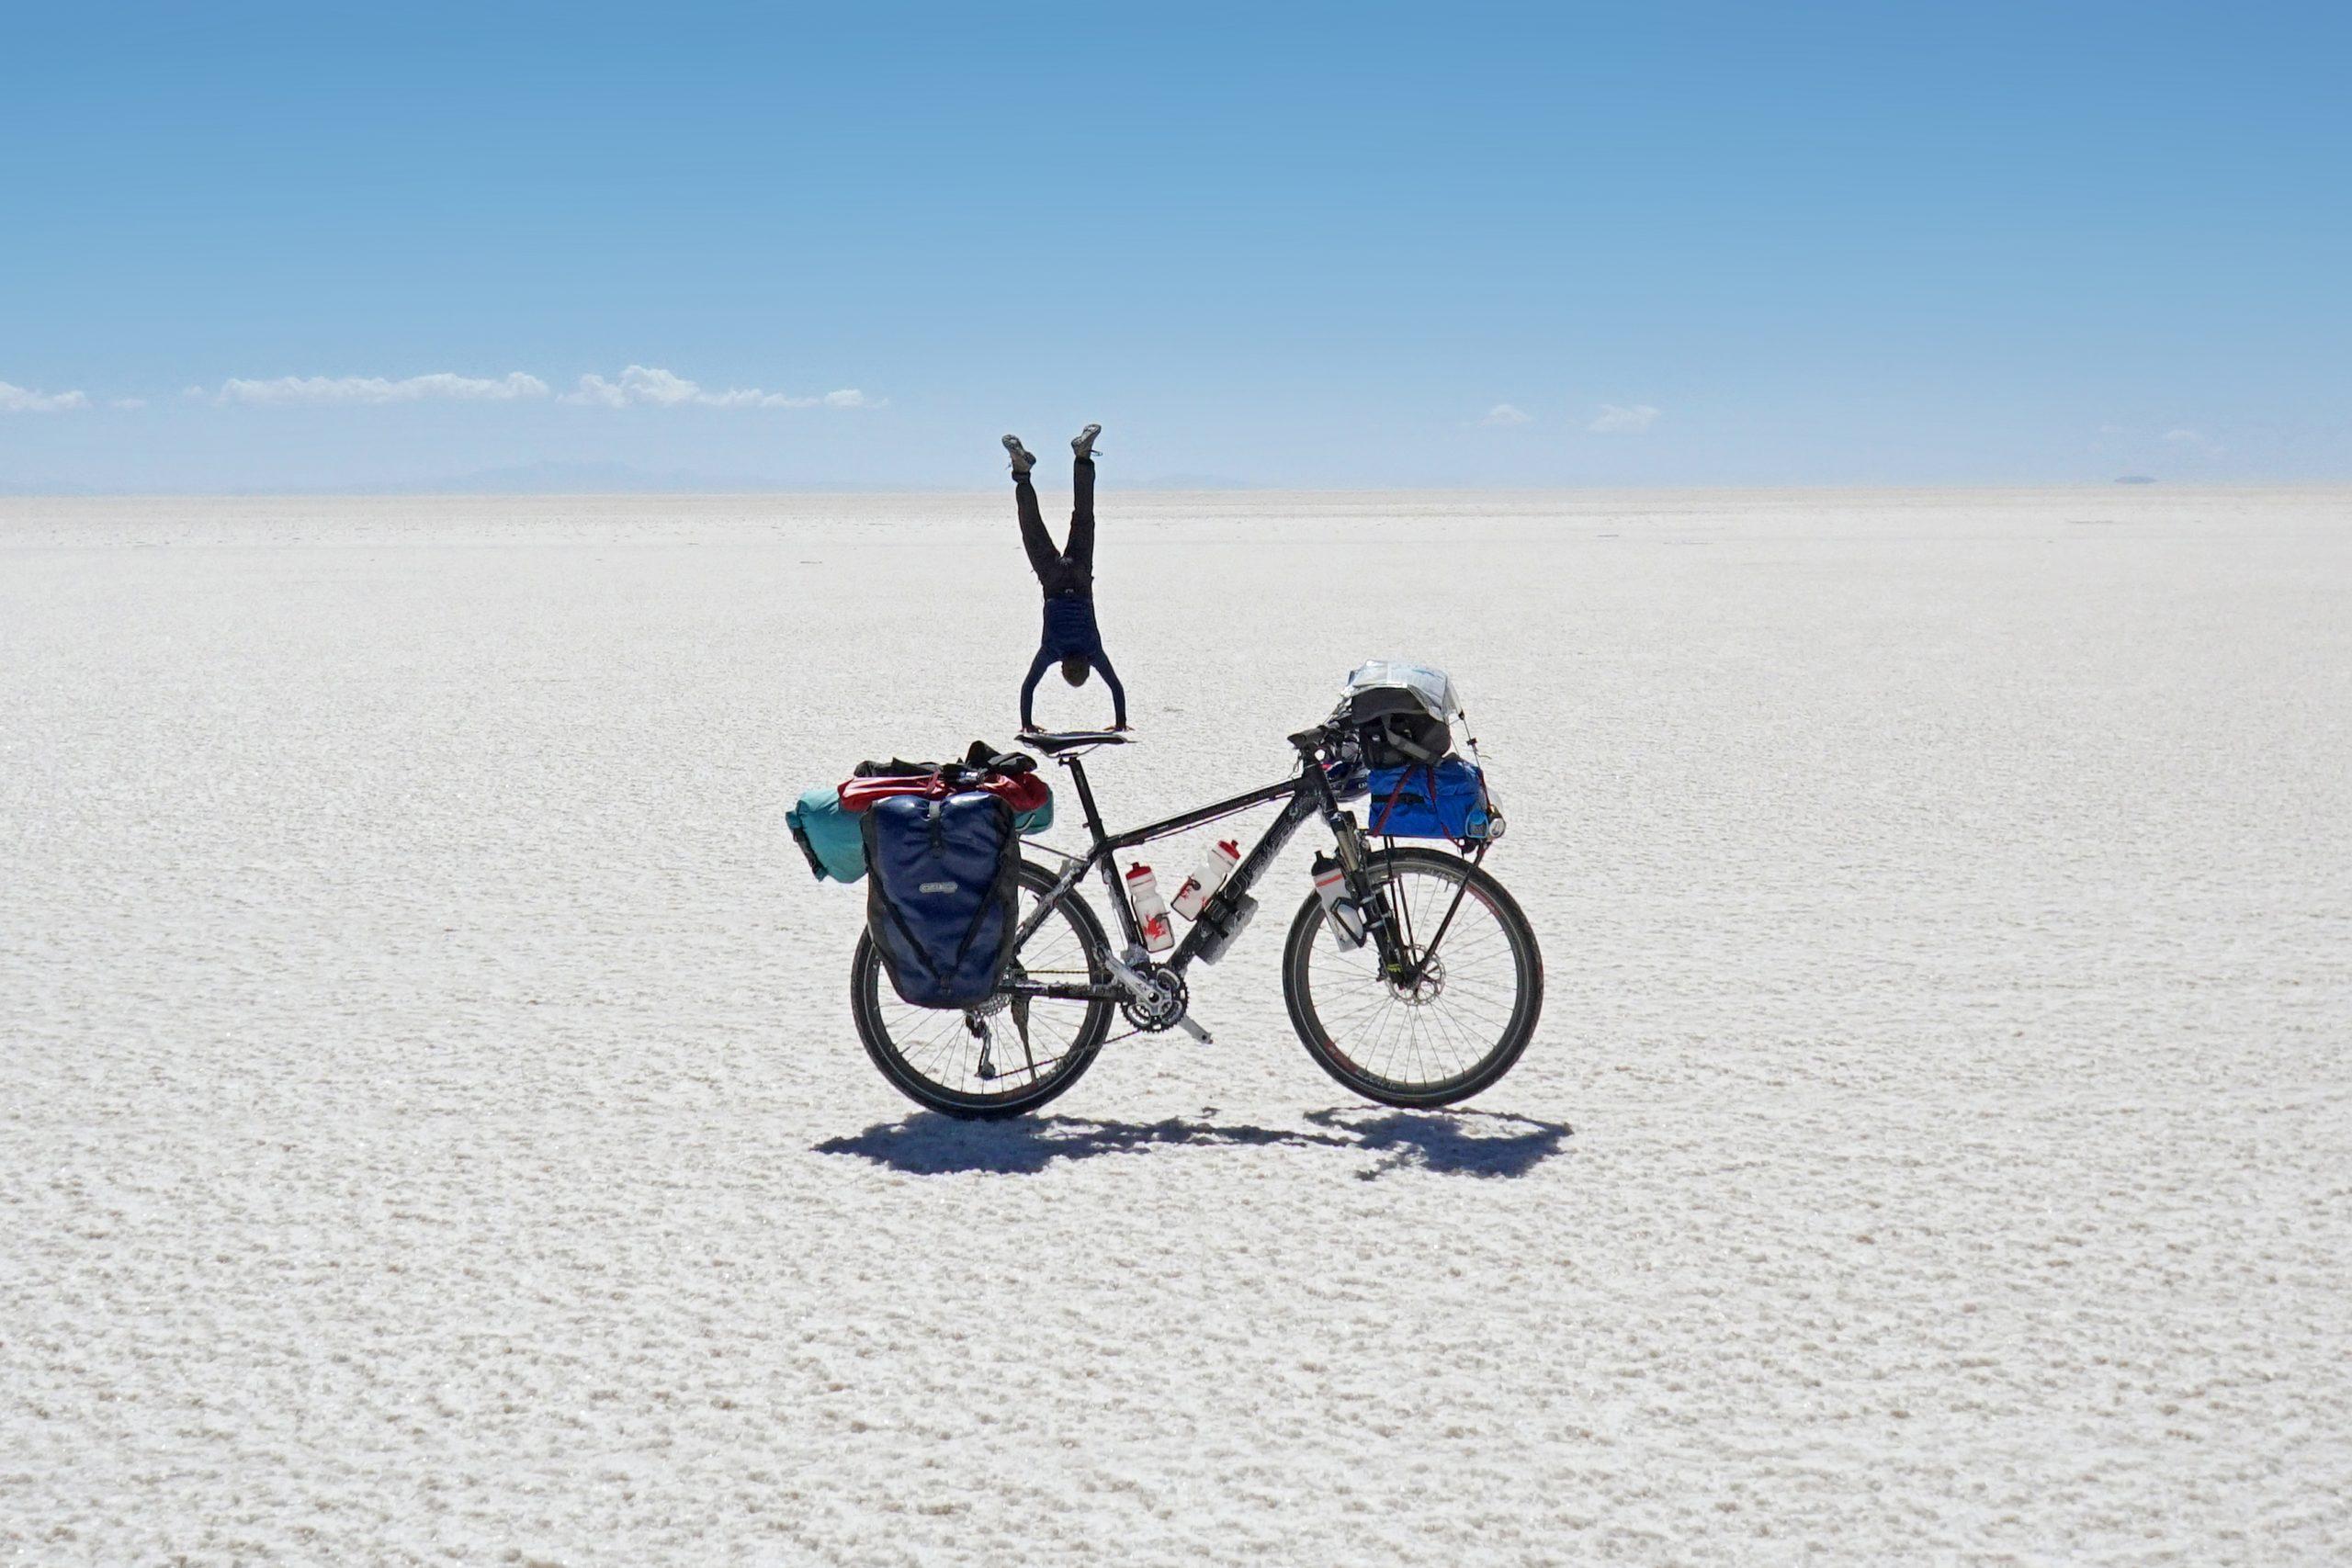 Radreise Südamerika 2019 - Salar de Uyuni